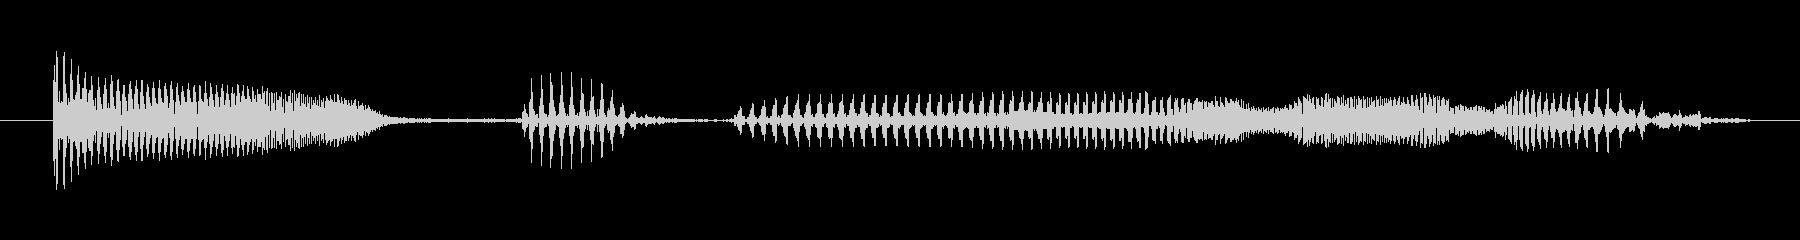 中年の女性A:わからないの未再生の波形